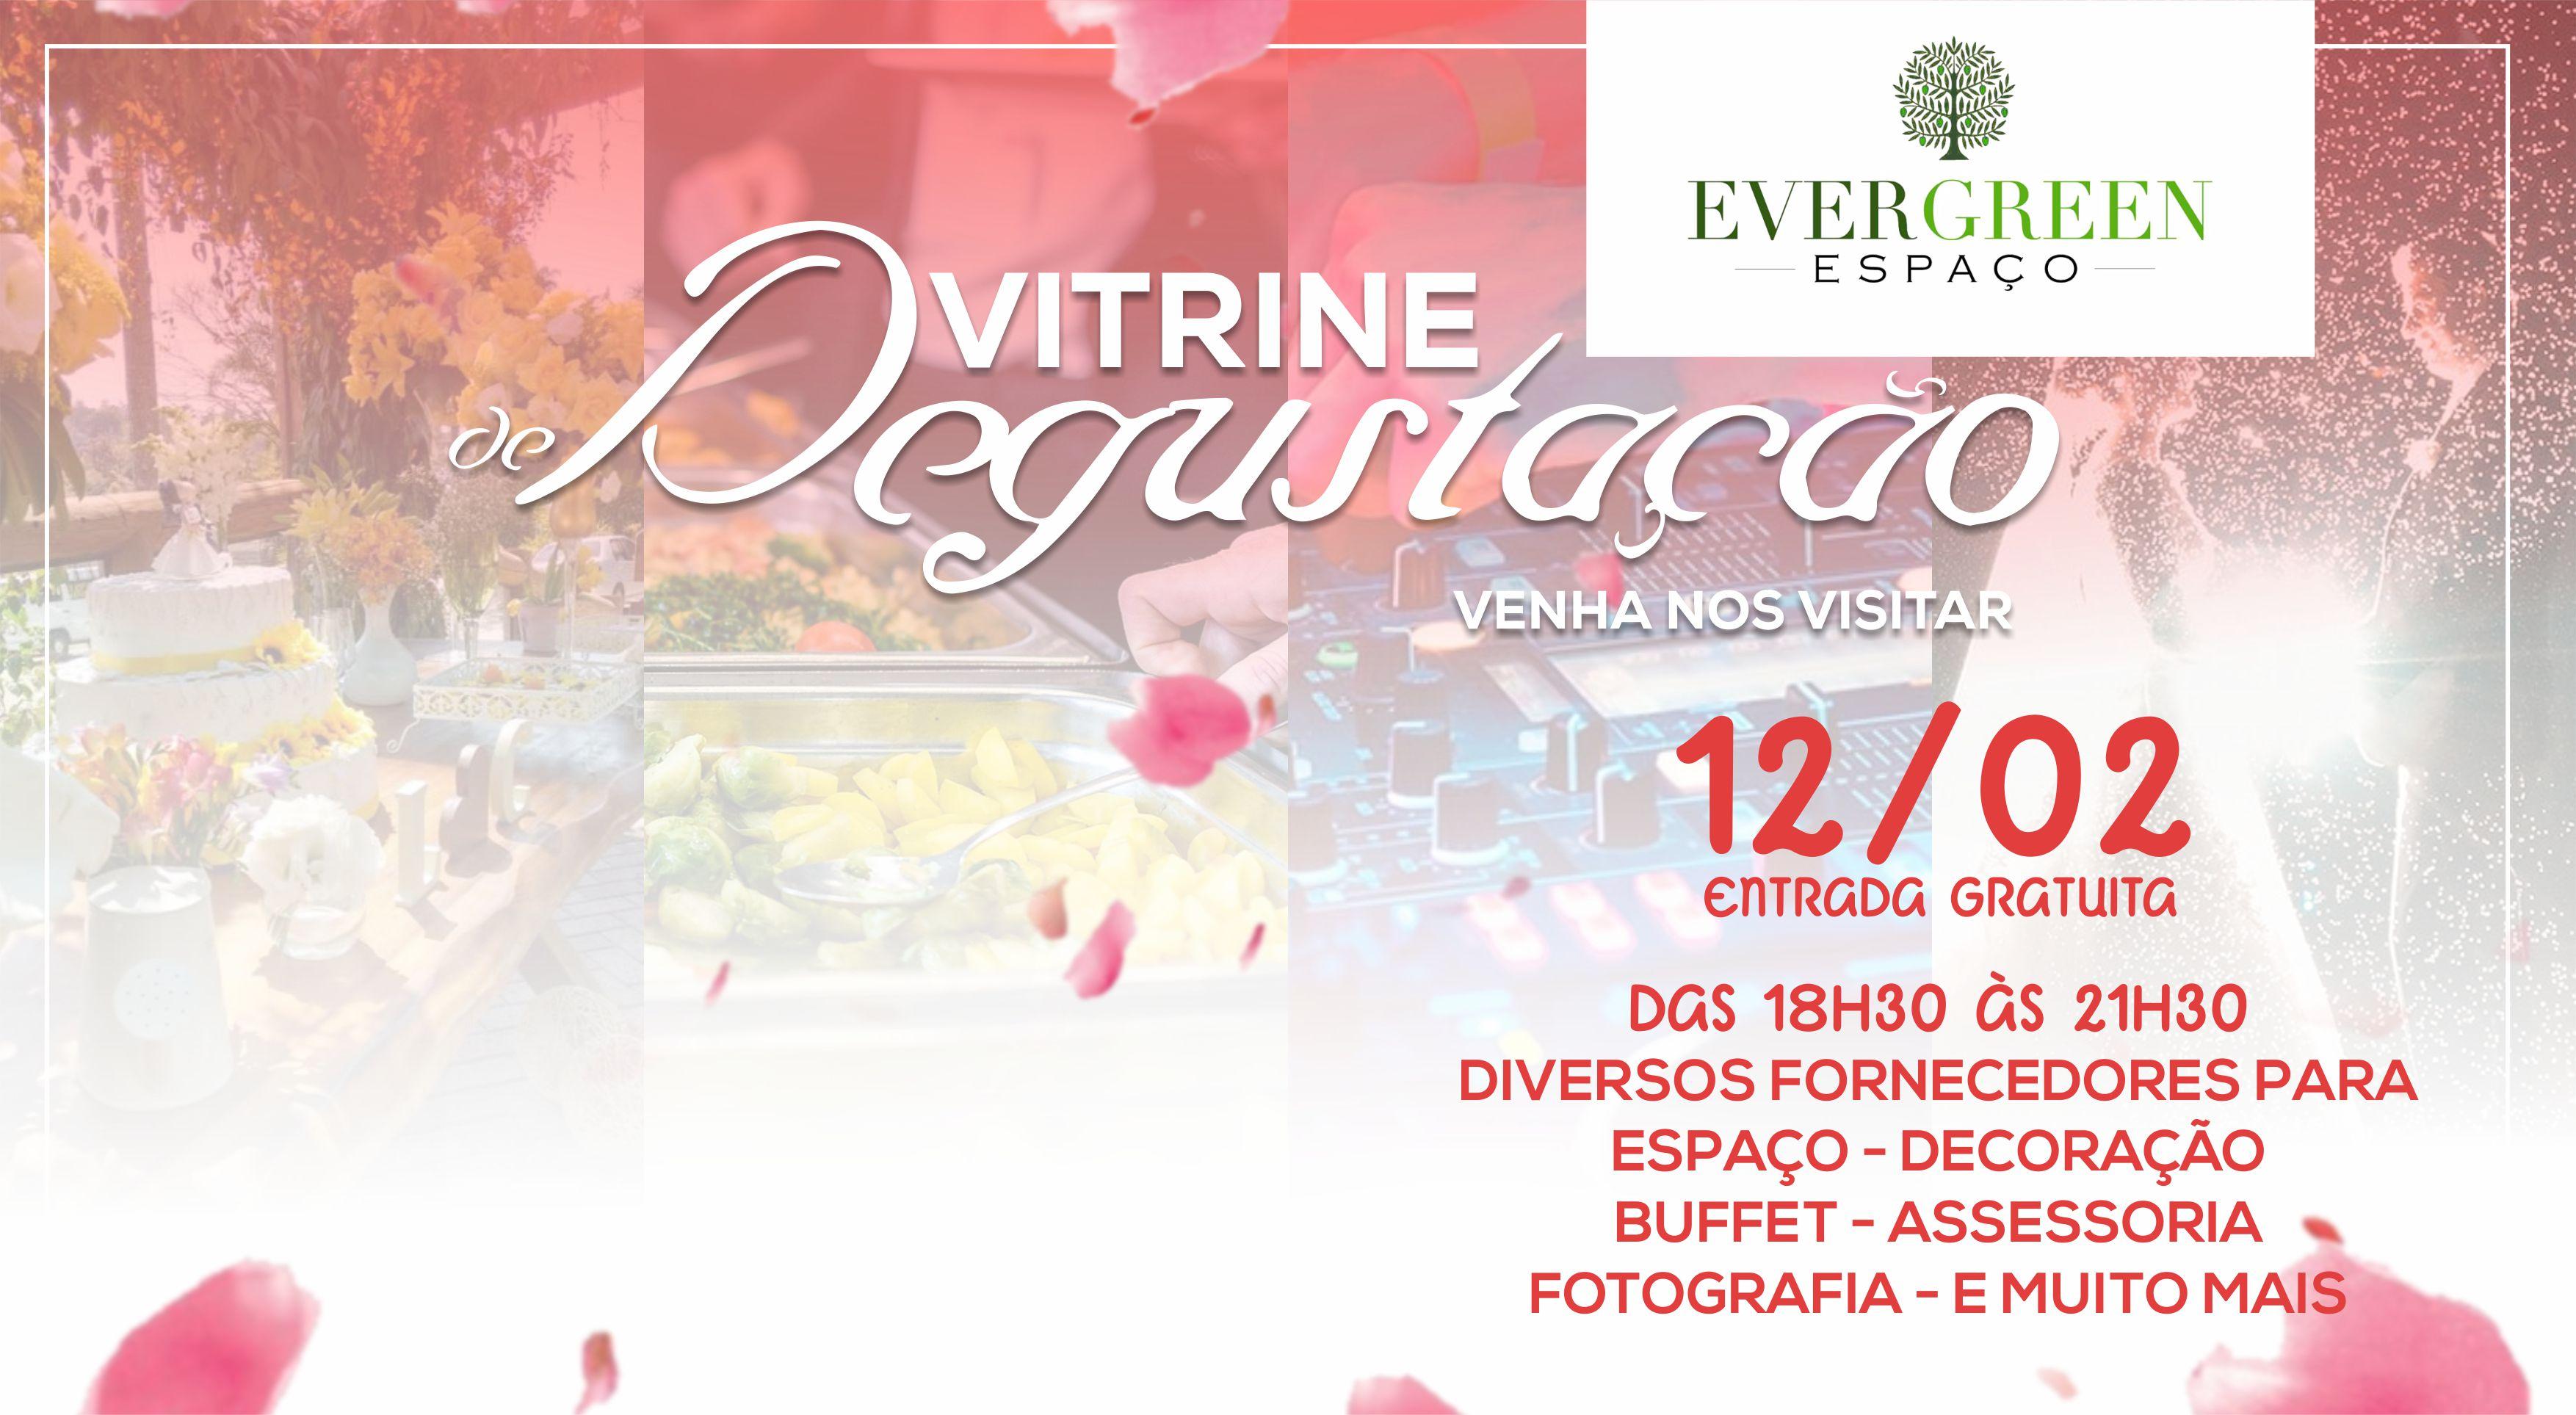 Loucura nos preparativos: Evergreen promove Vitrine de Degustação para noivas e debutantes